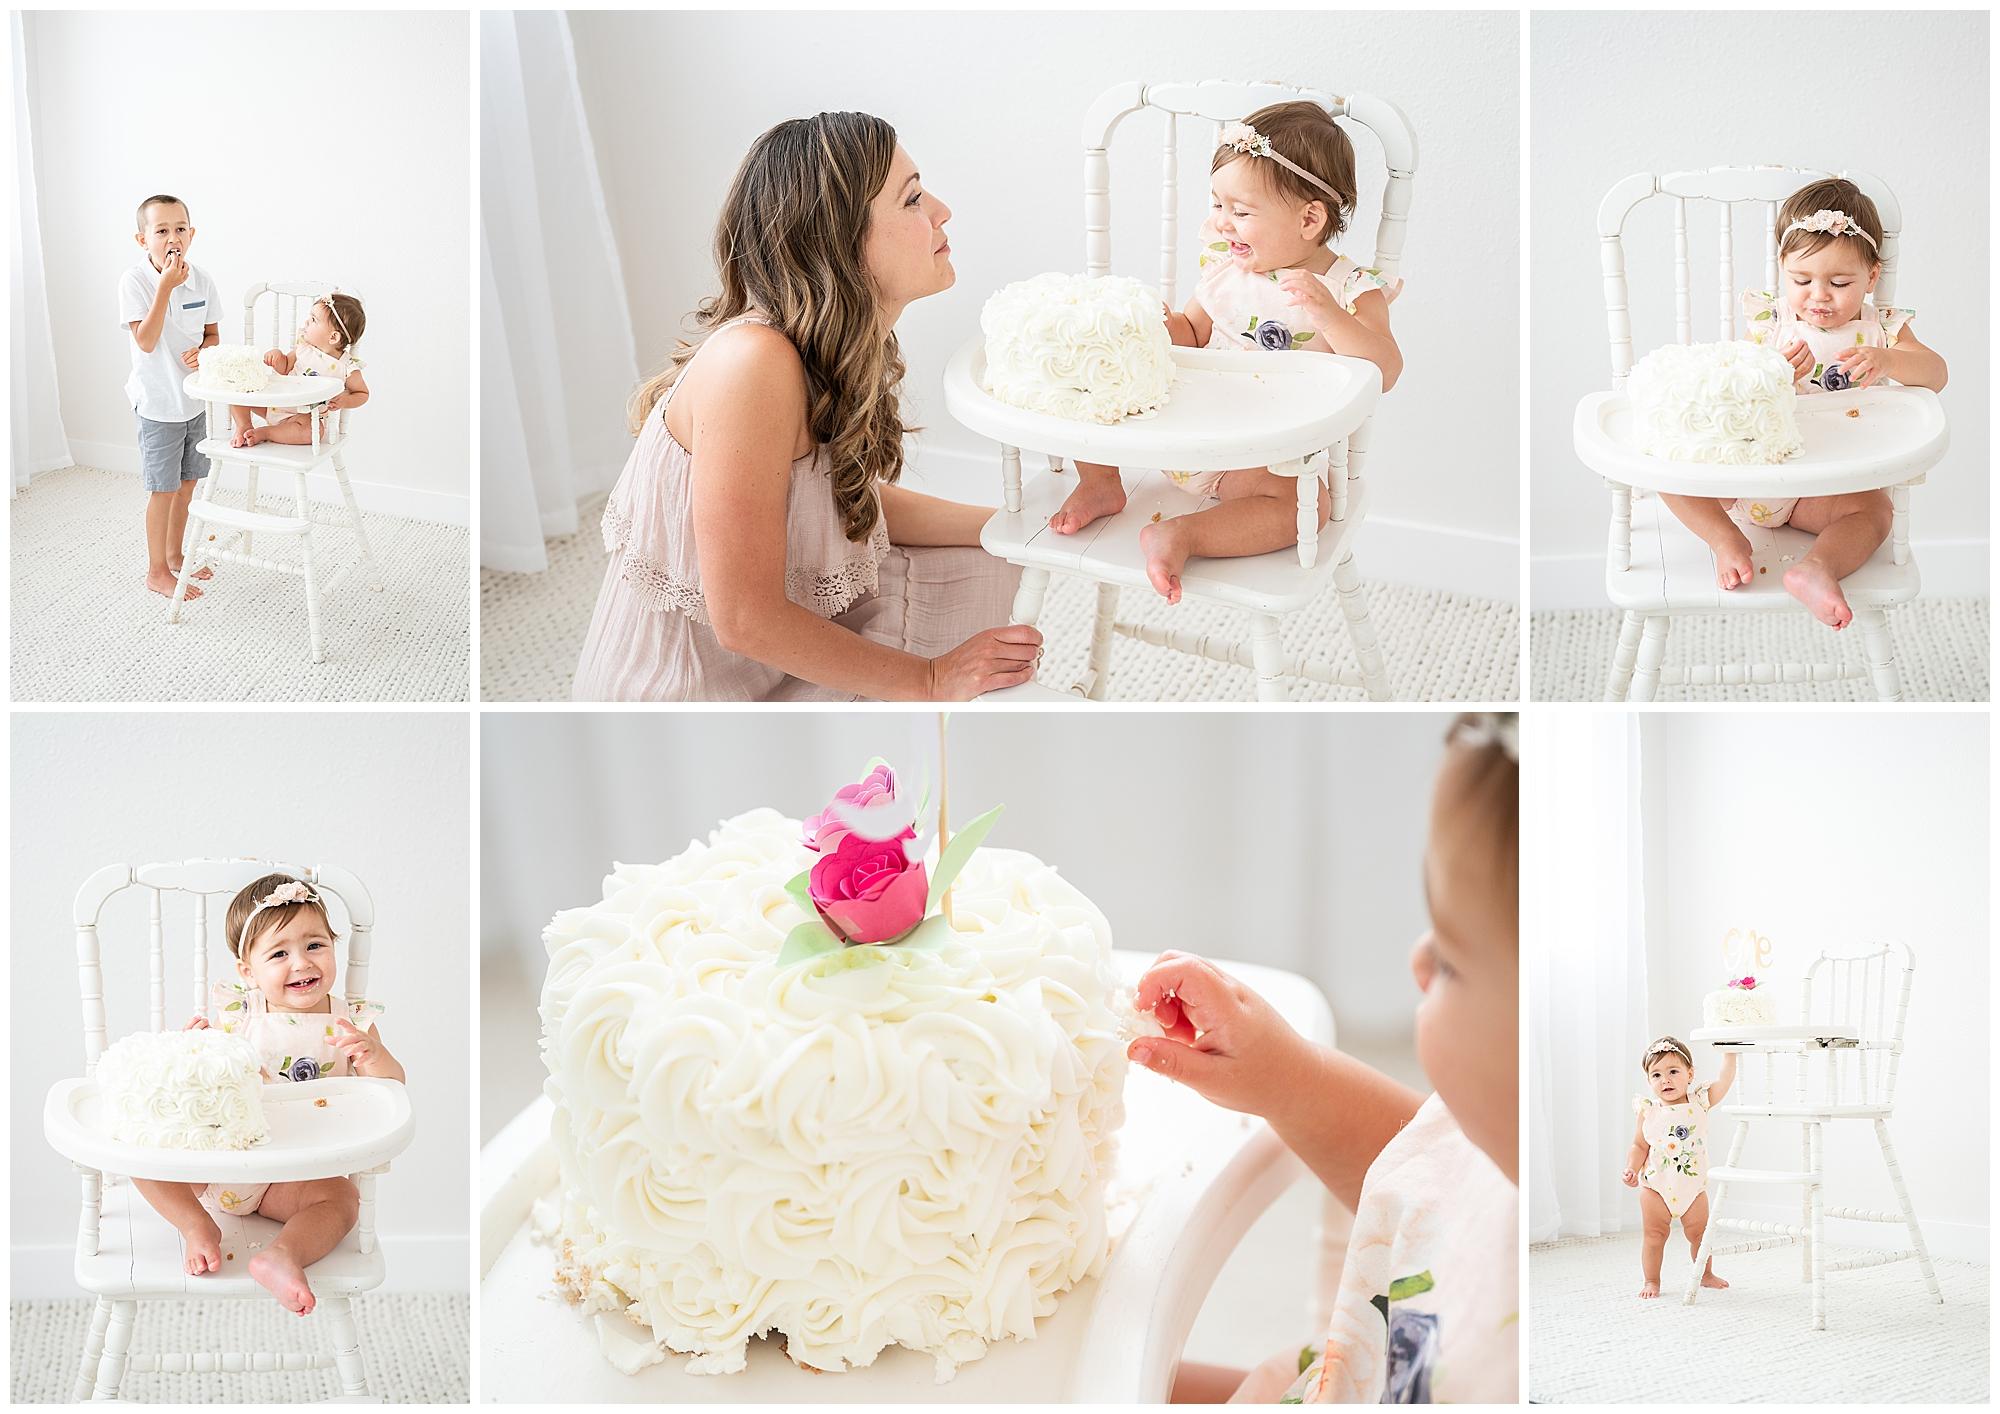 McKinney Cake Smash photoshoot